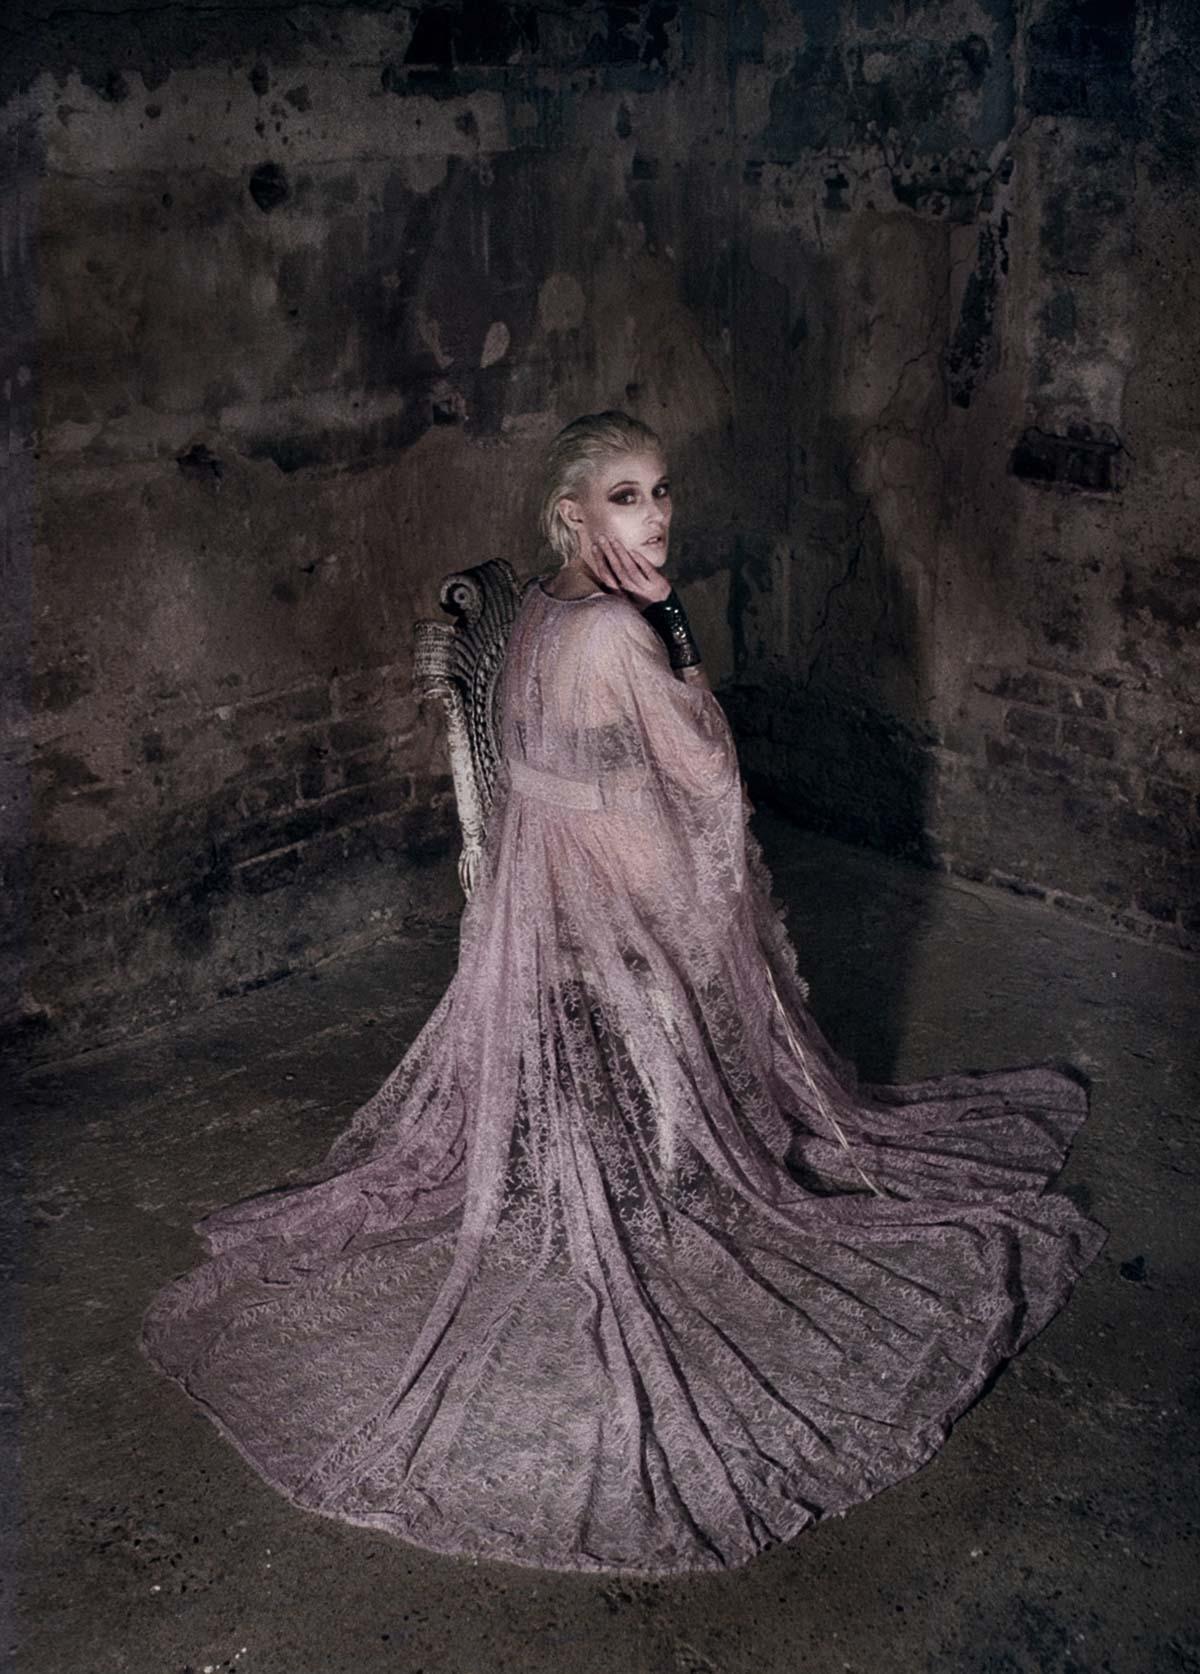 The-Forest-Magazine_Nicolas-Hayward_Carmen-Chaigh_0008